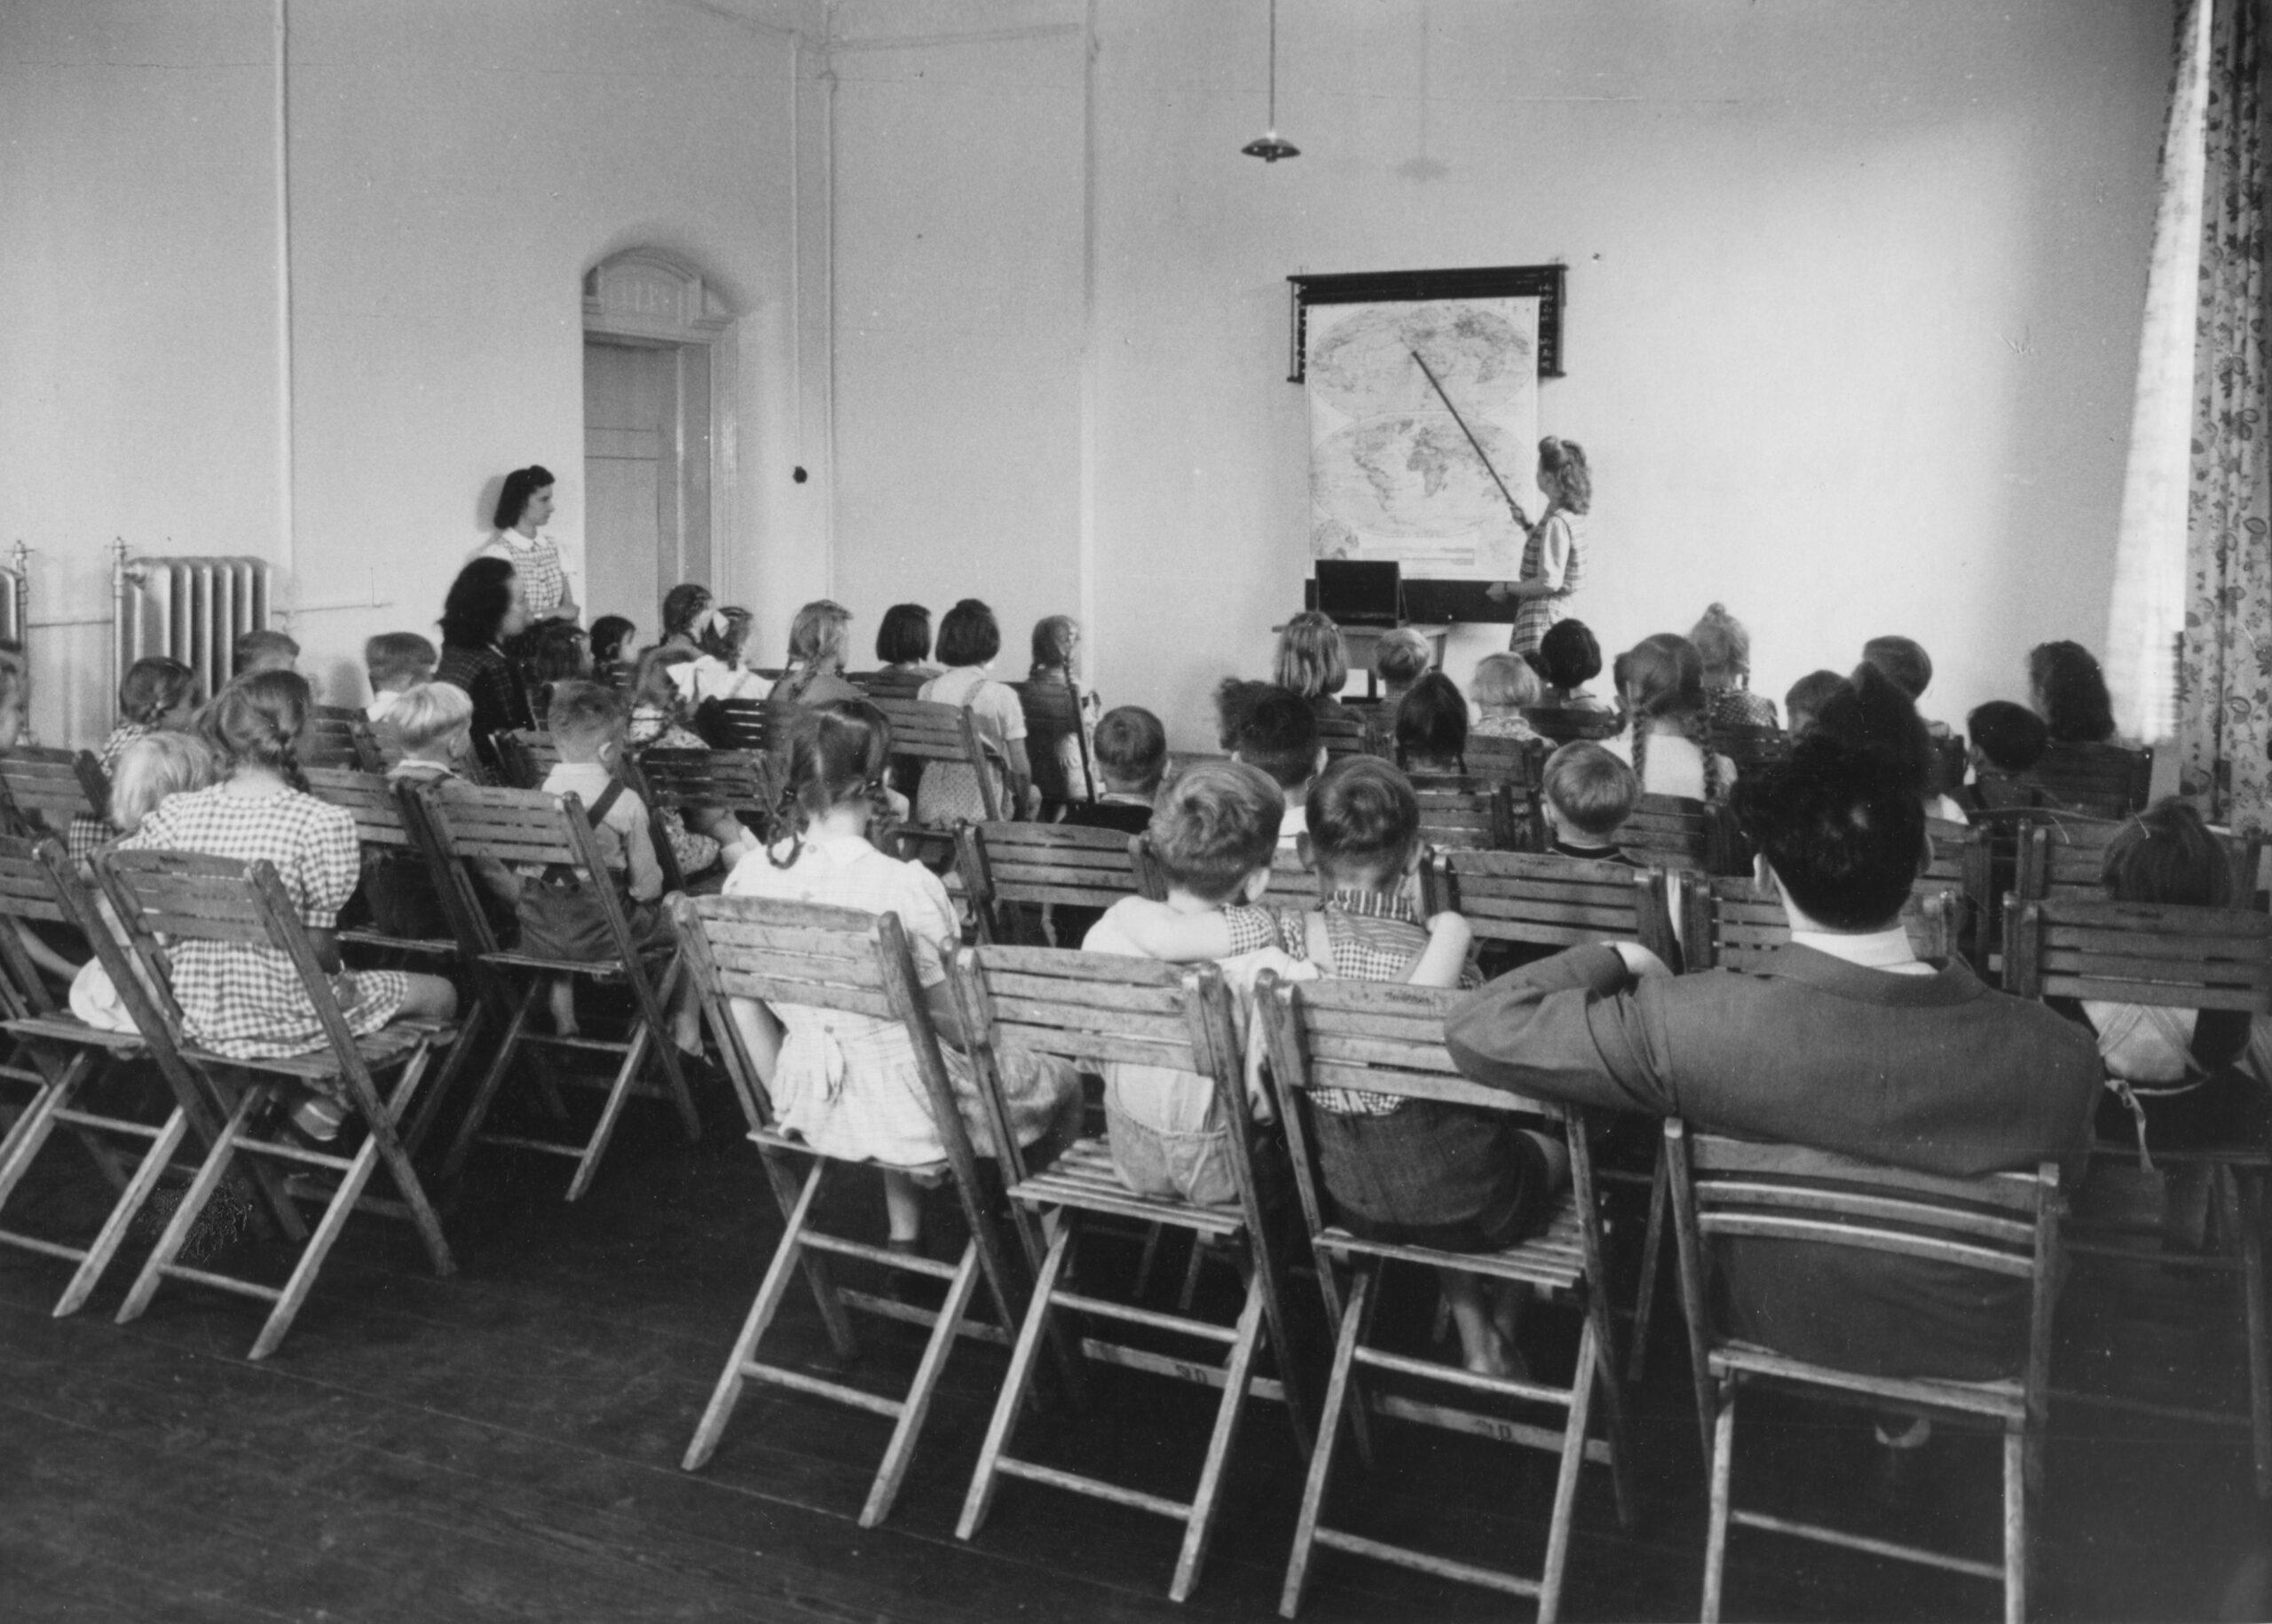 Eien Klasse mit Kindern sitzt auf Klappstühlen aus Holz in einem karg eingerichteten Raum, eine Lehrerin deutet mit einem Zeigestab auf eine an der Wand angebrachte Weltkarte